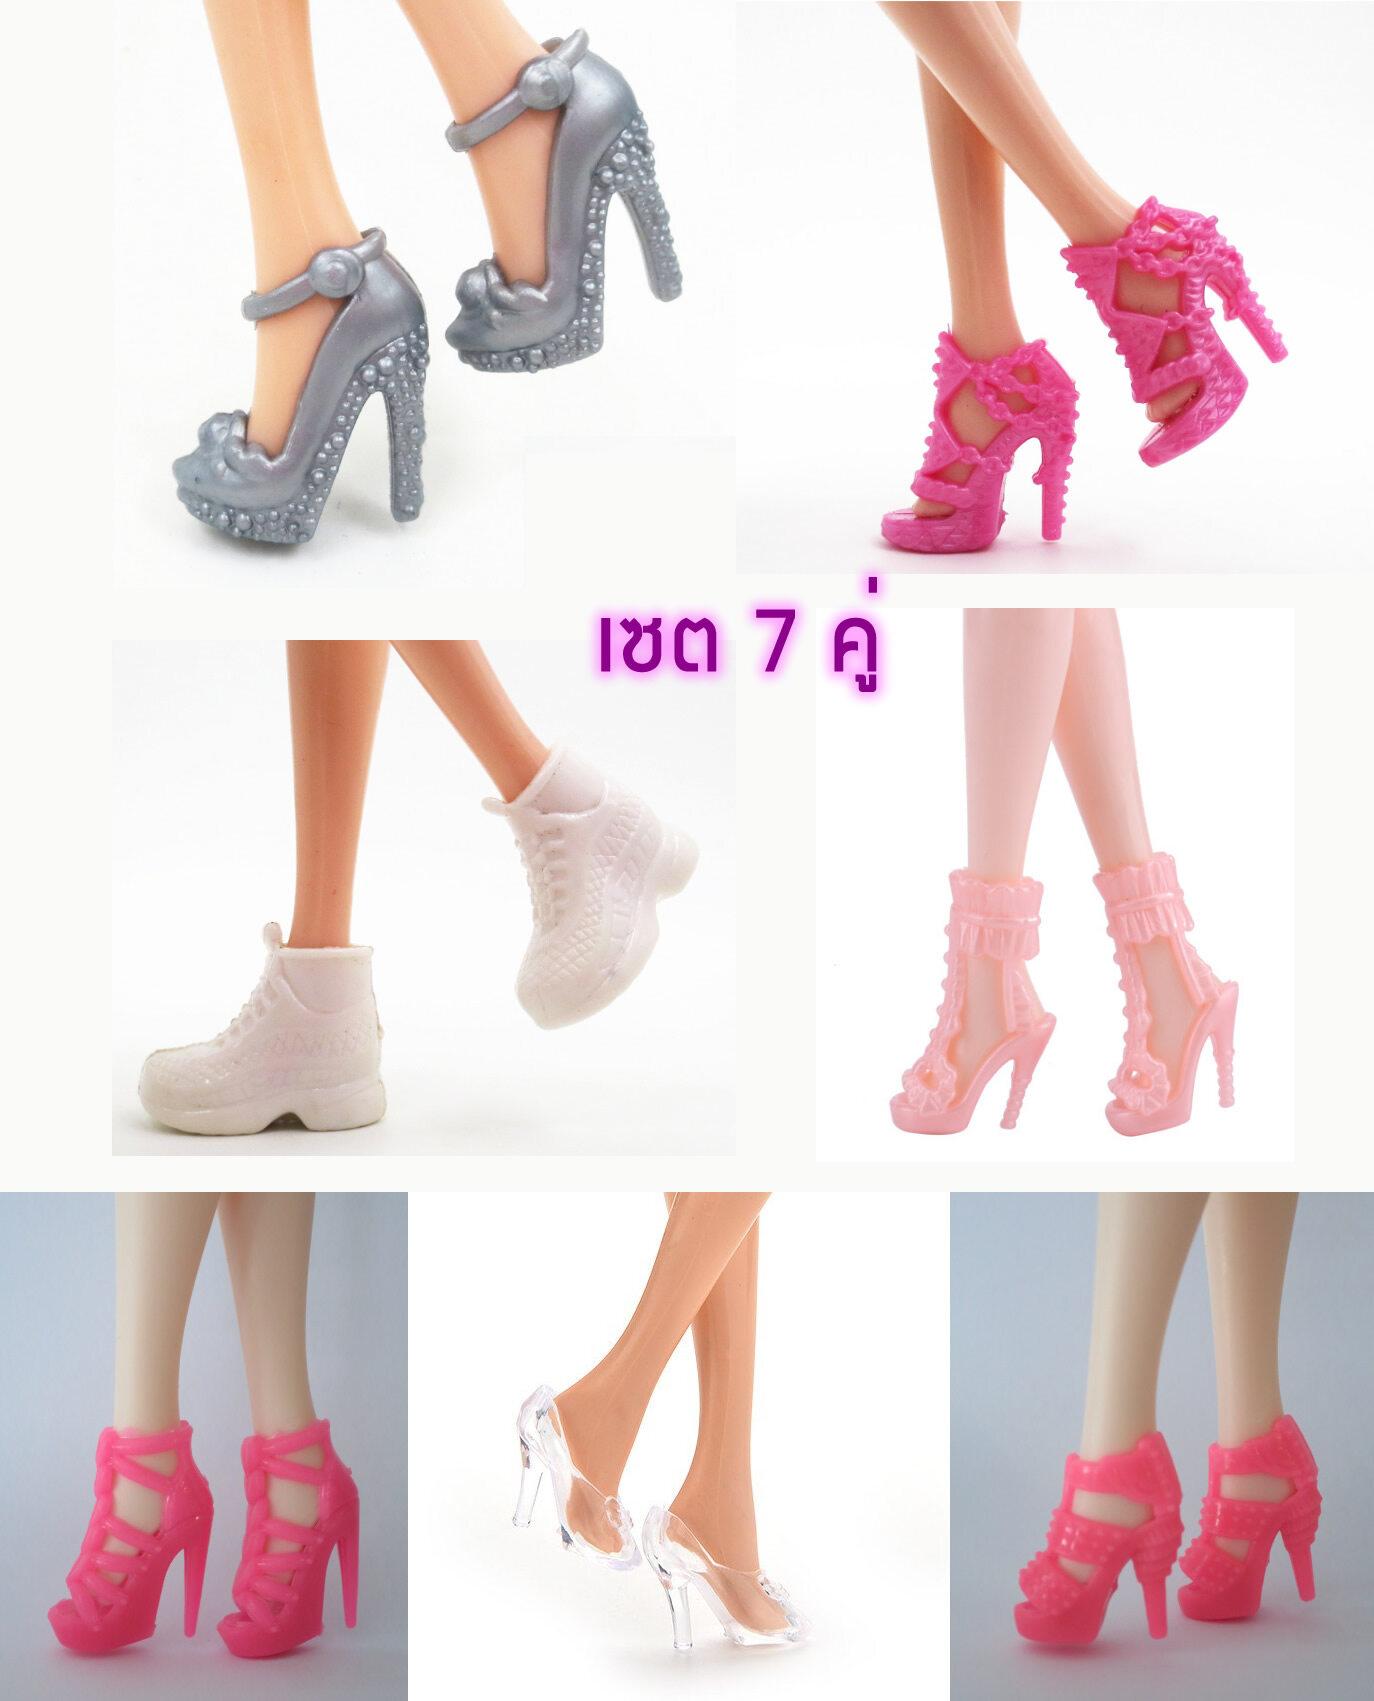 รองเท้าตุ๊กตาบาร์บี้ 30cm 7 คู่ รองเท้าผ้าใบ Sneaker รองเท้าส้นสูง High Heel.